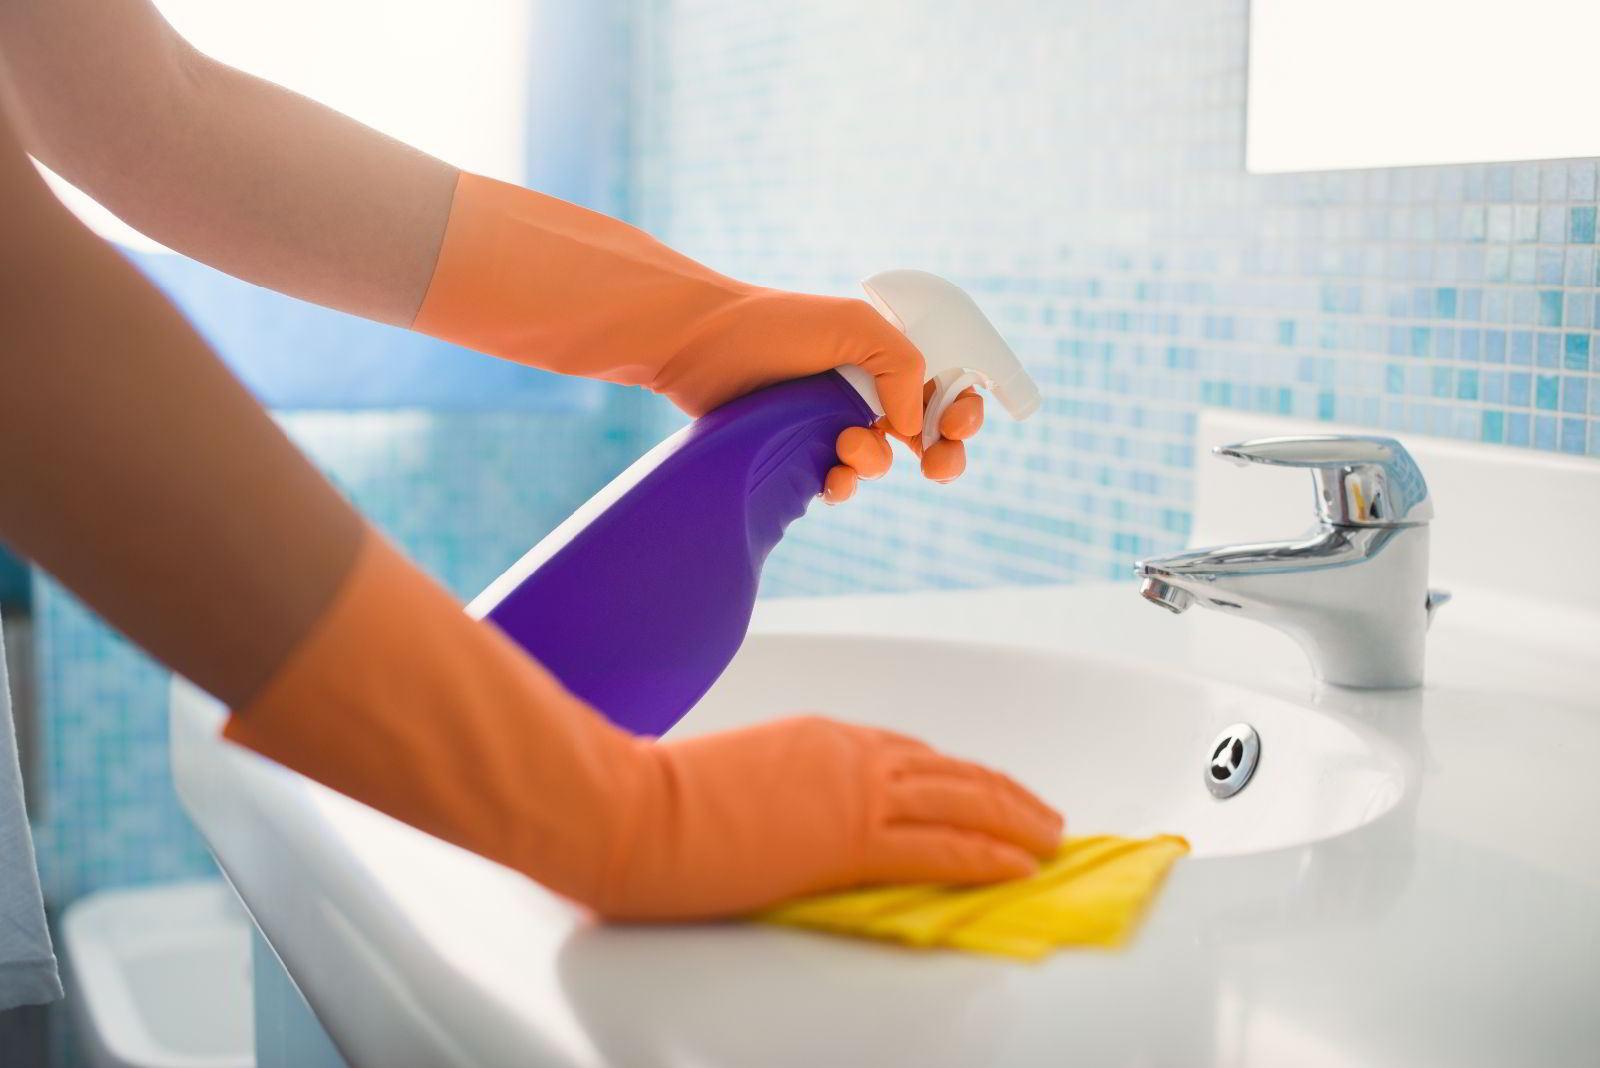 Acercamiento a manos con guantes naranja en un lavamanos limpiando con un trapo y una botella